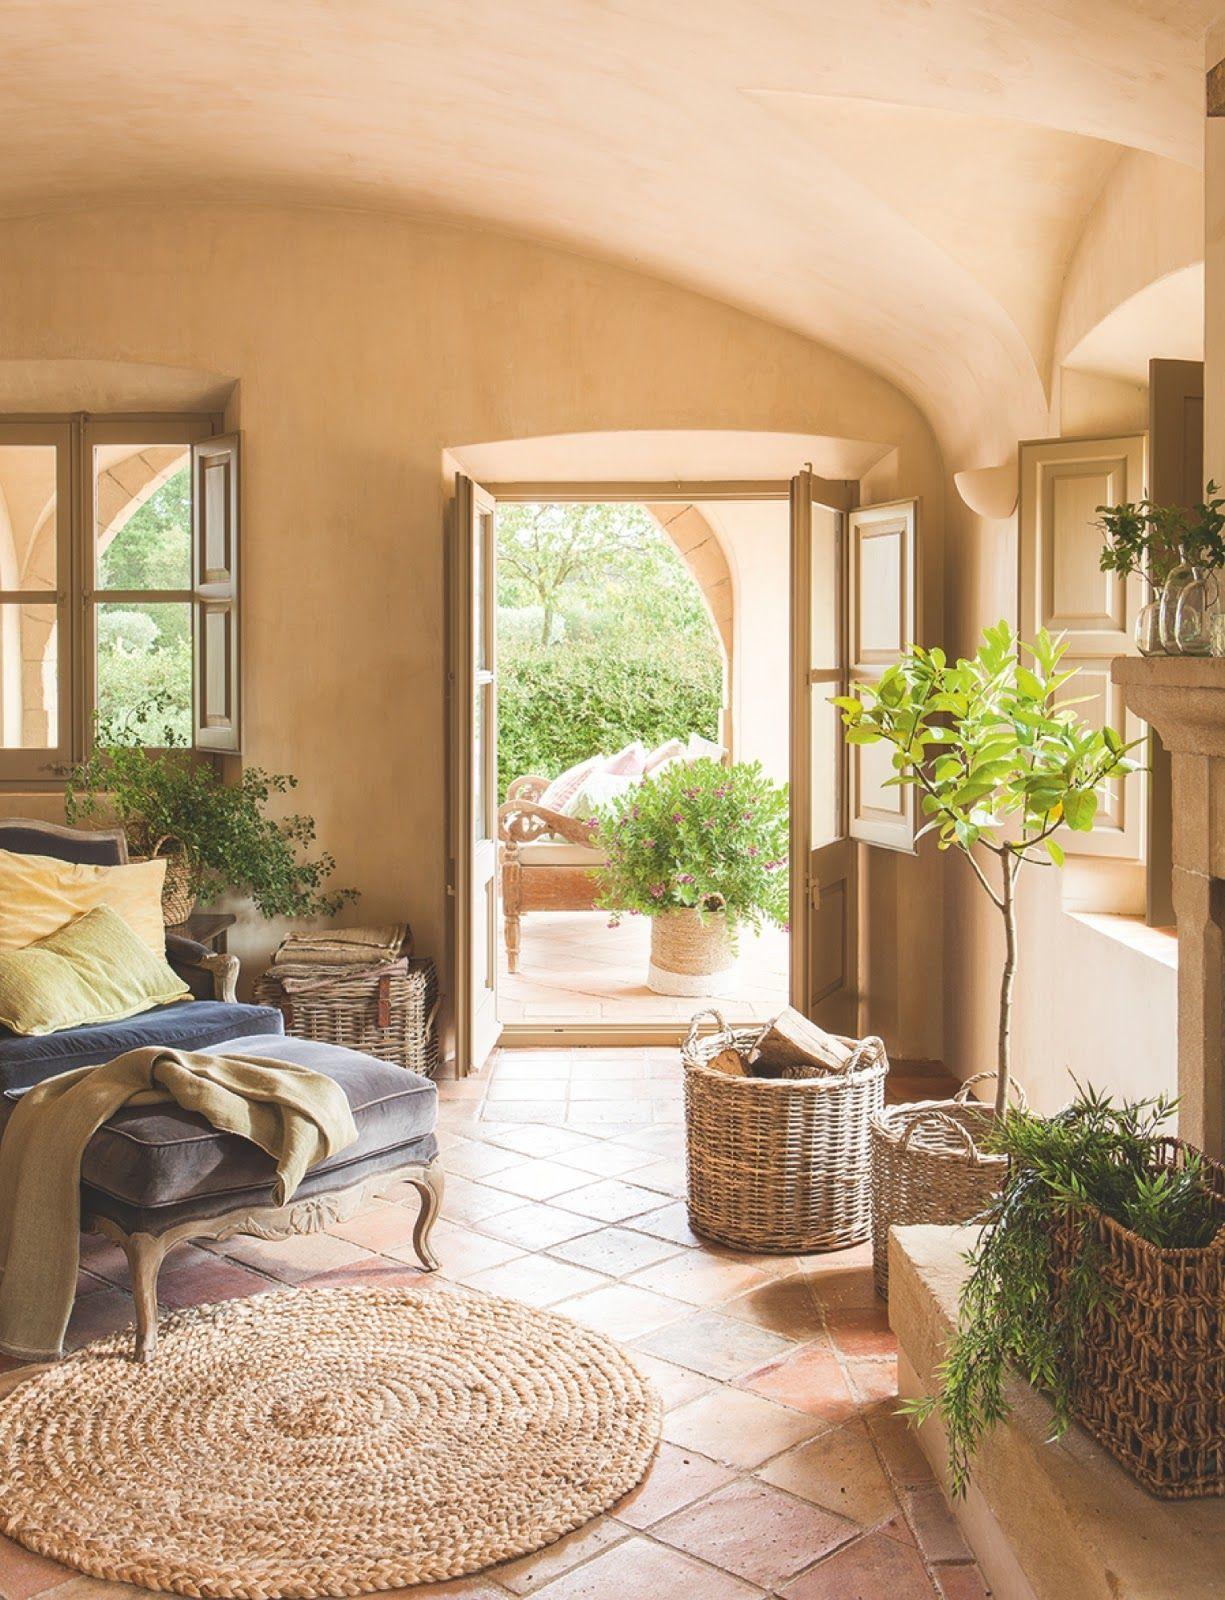 Pin de jessy lizzie fernandez irizarry en casas especiales - Decoracion casas de campo ...